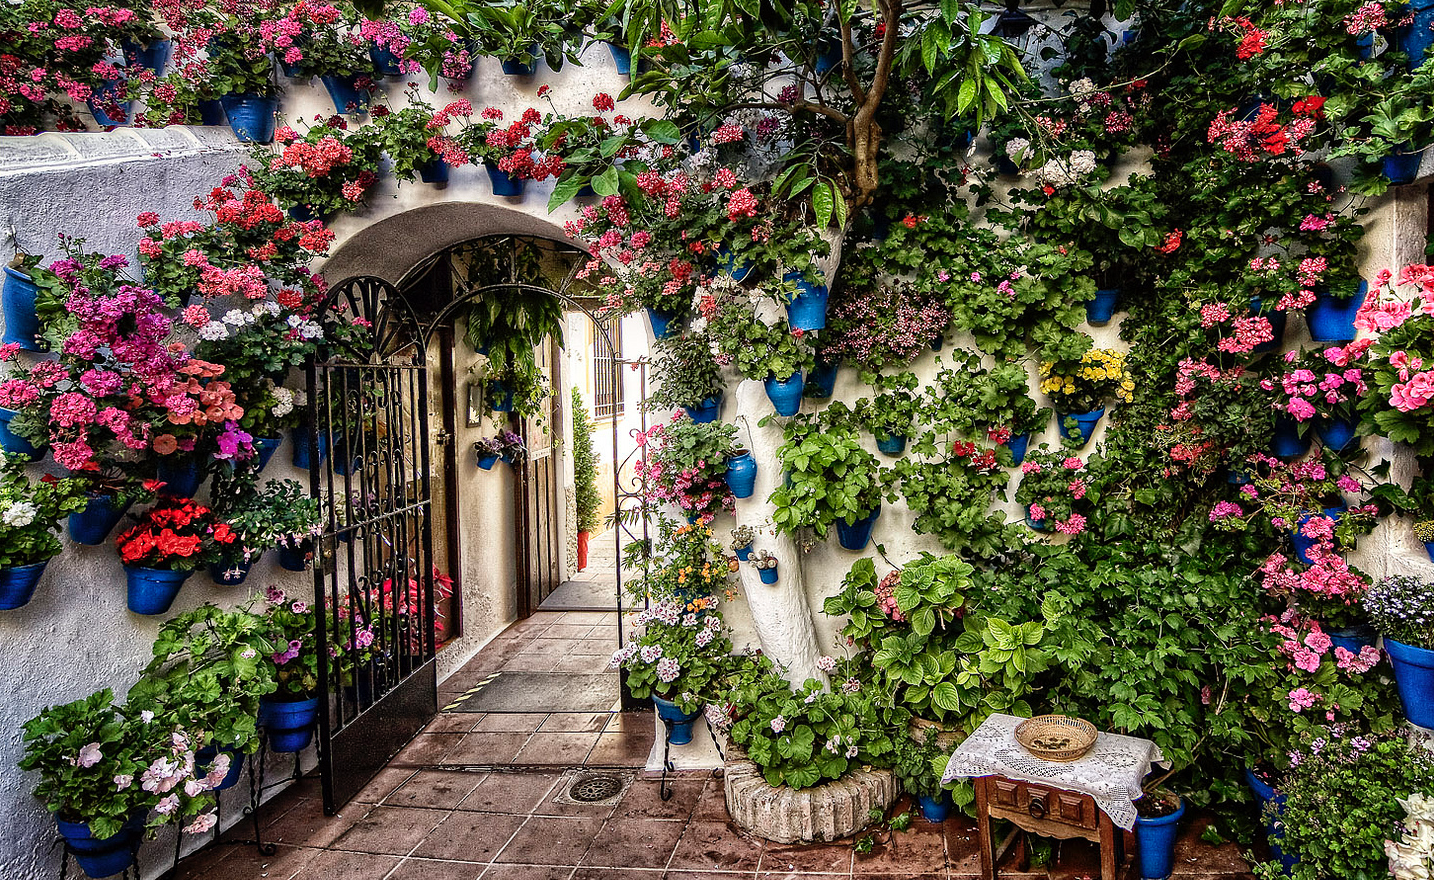 Los patios de c rdoba arte y dem s historias por b rbara for Tipos de toldos para patios